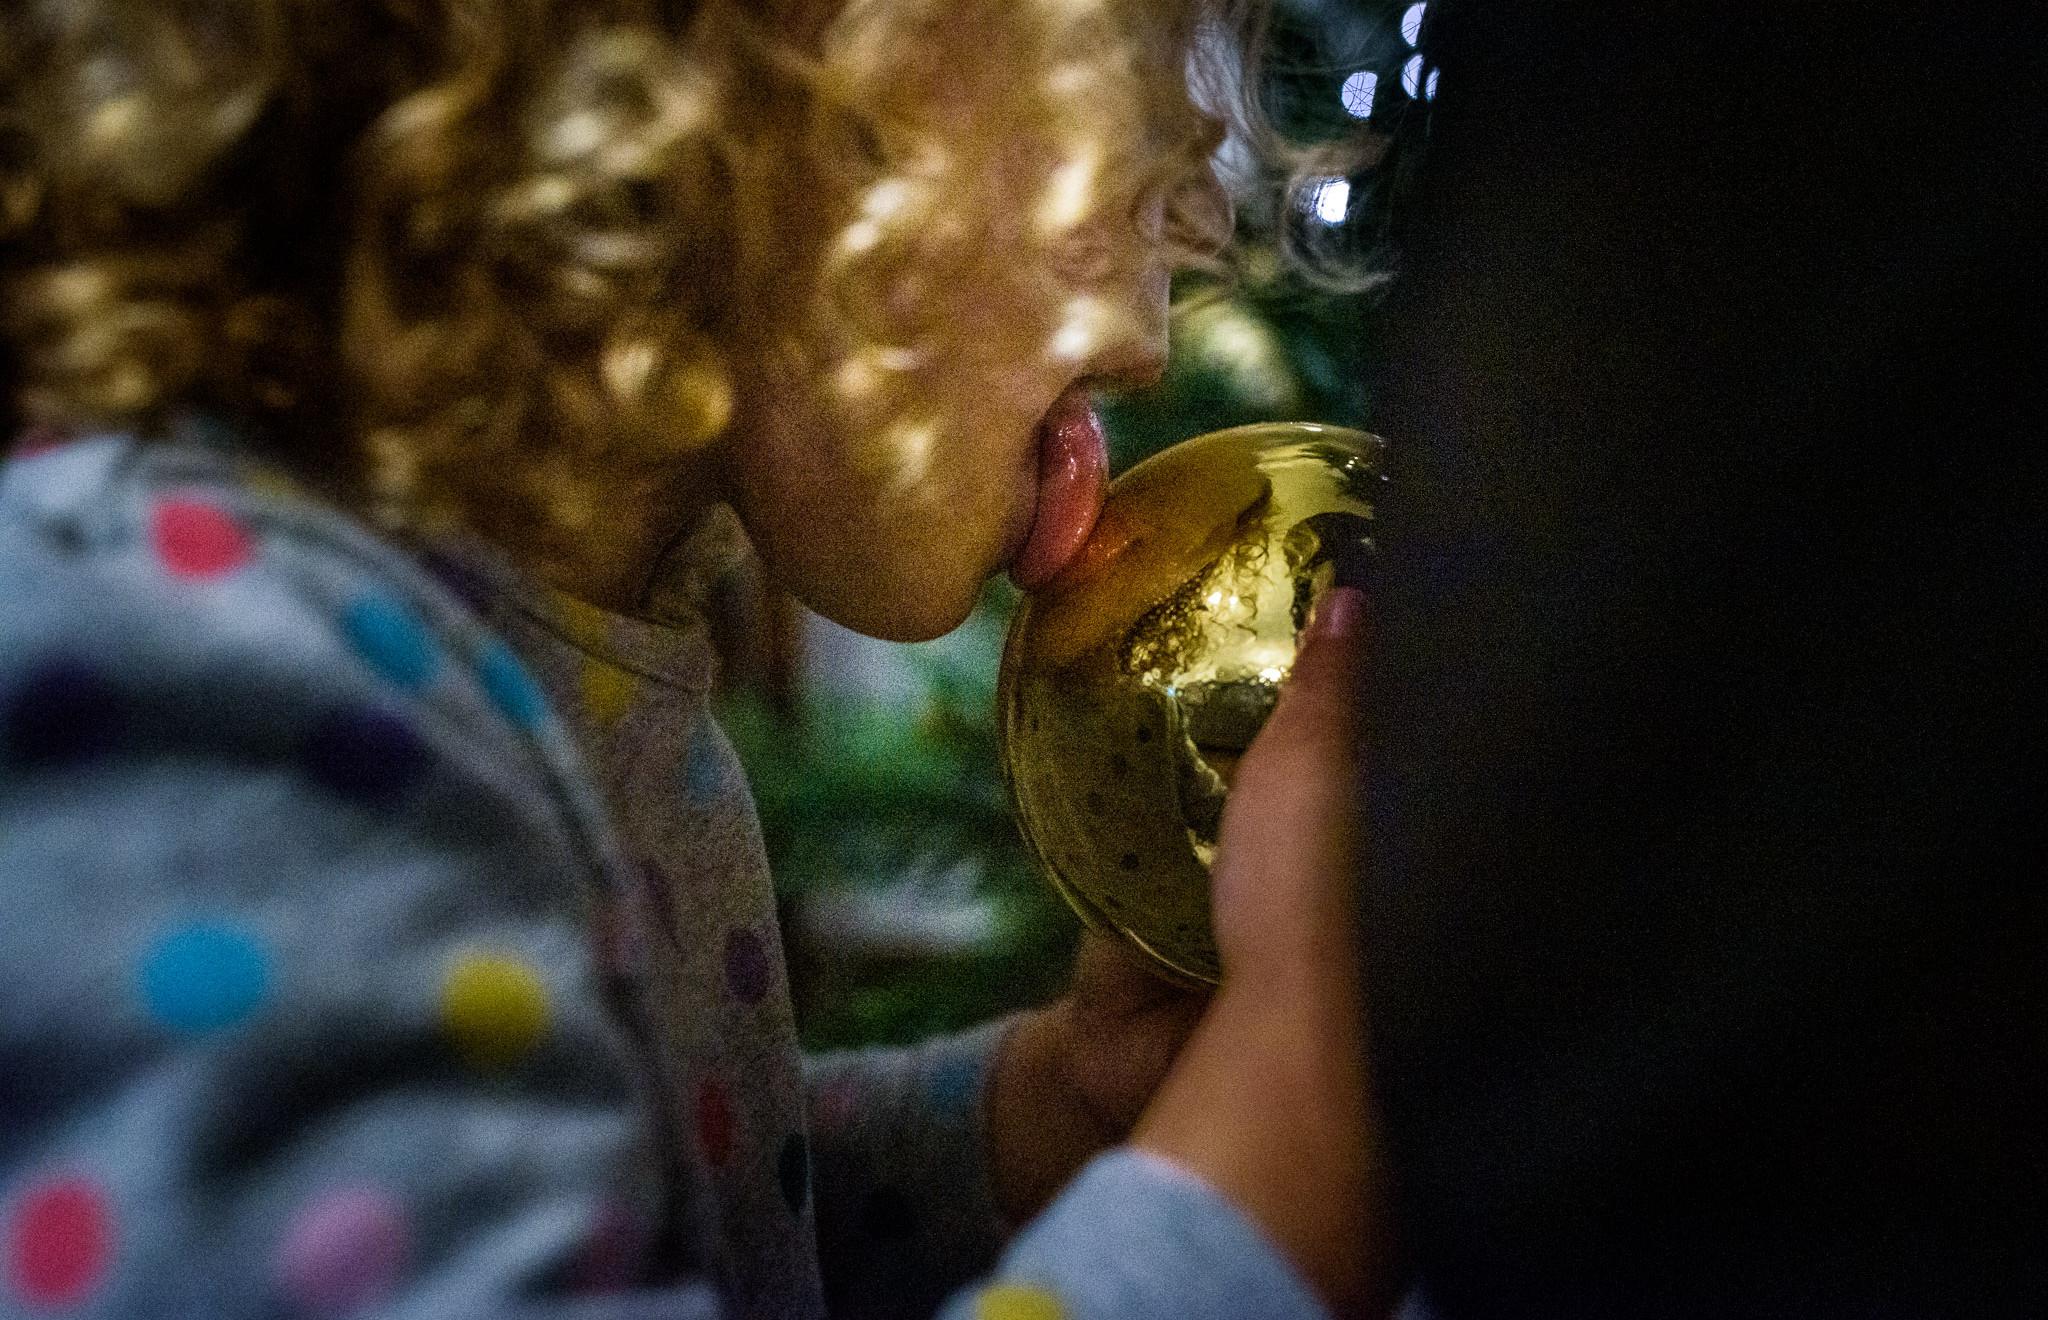 girl licks an ornament